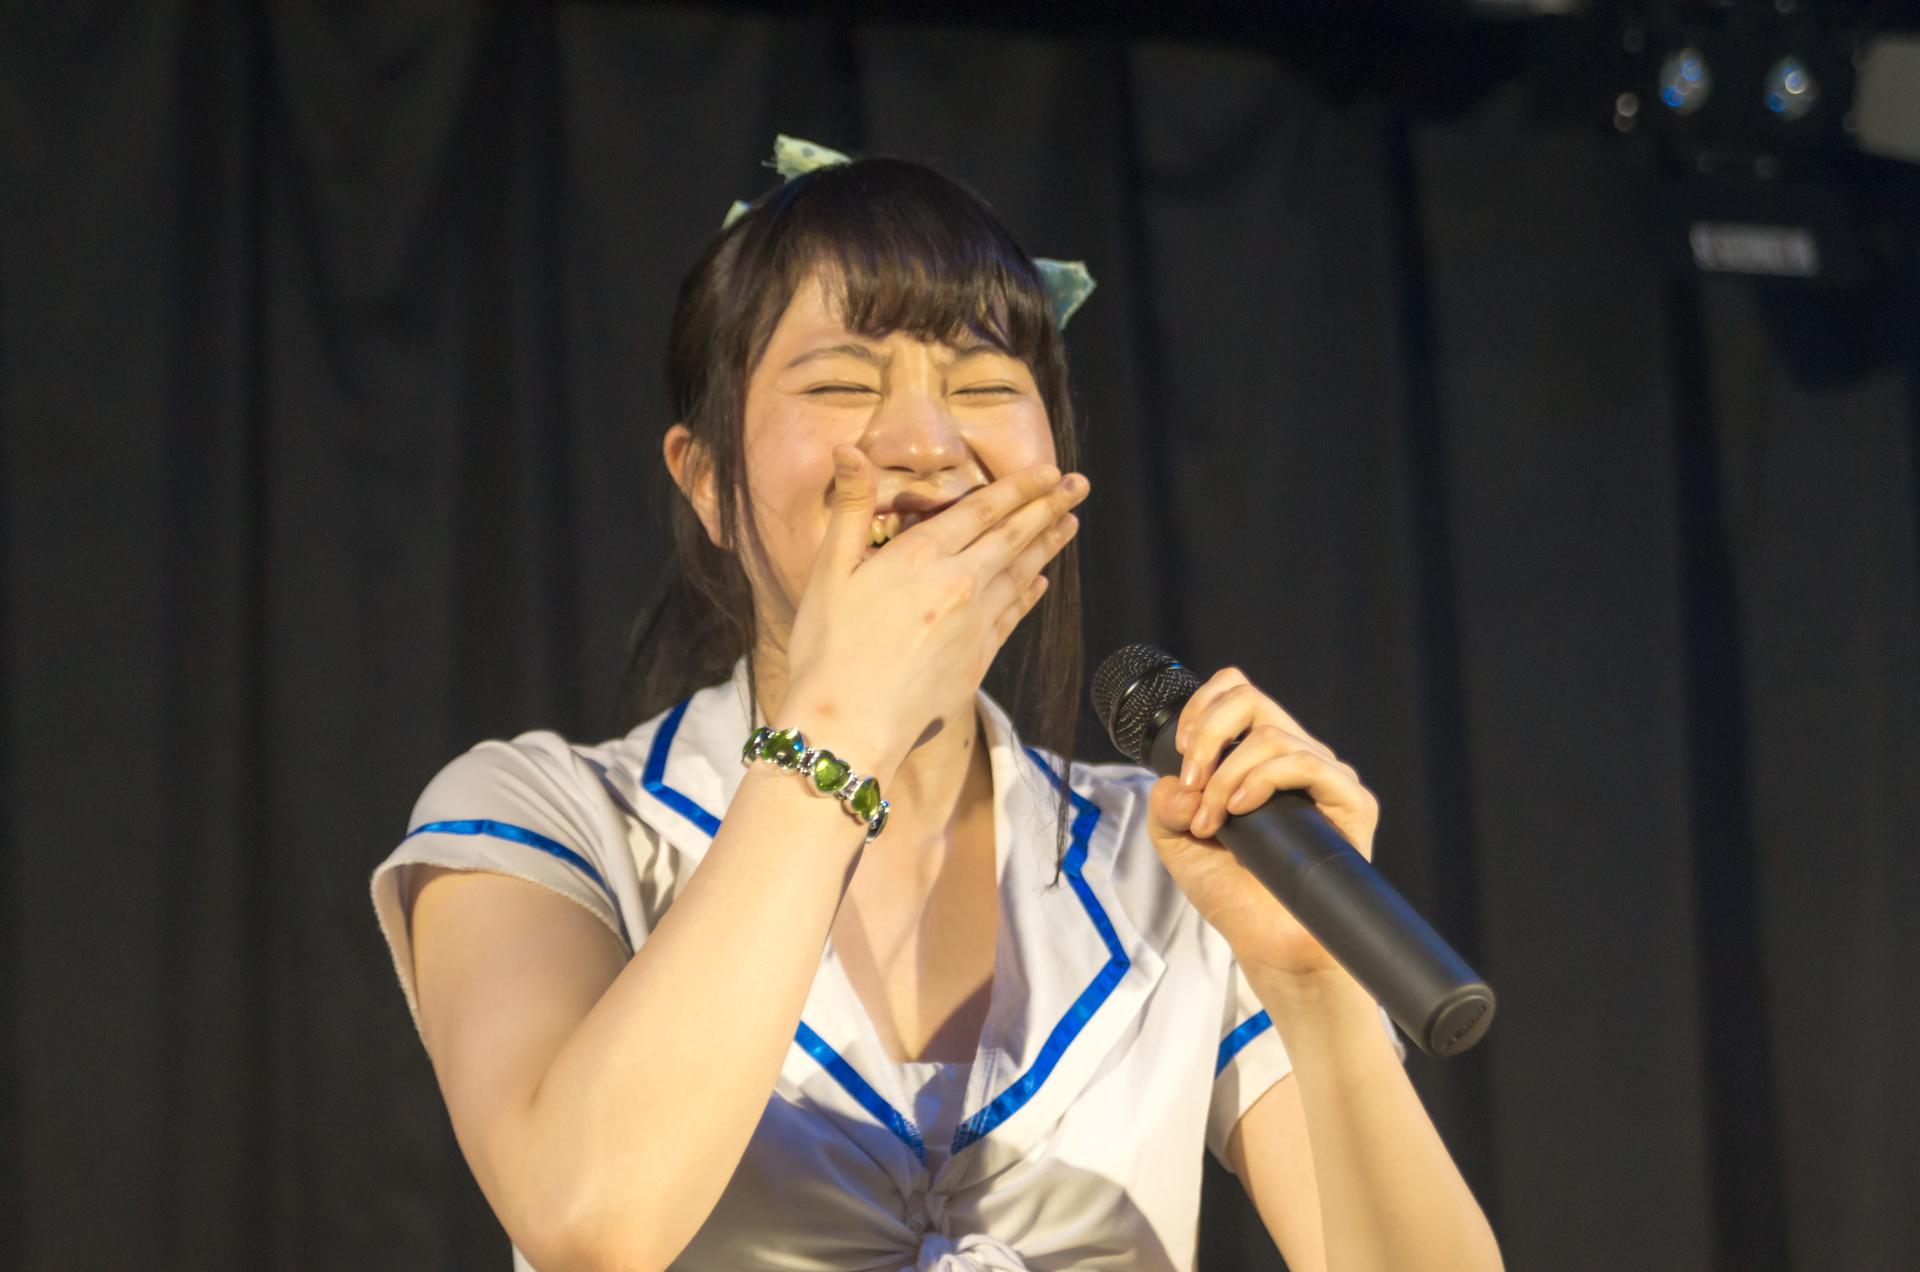 2代目HAPPY少女♪ あゆみ ( 新谷亜由美 ) | アイドルバスケットVol.33